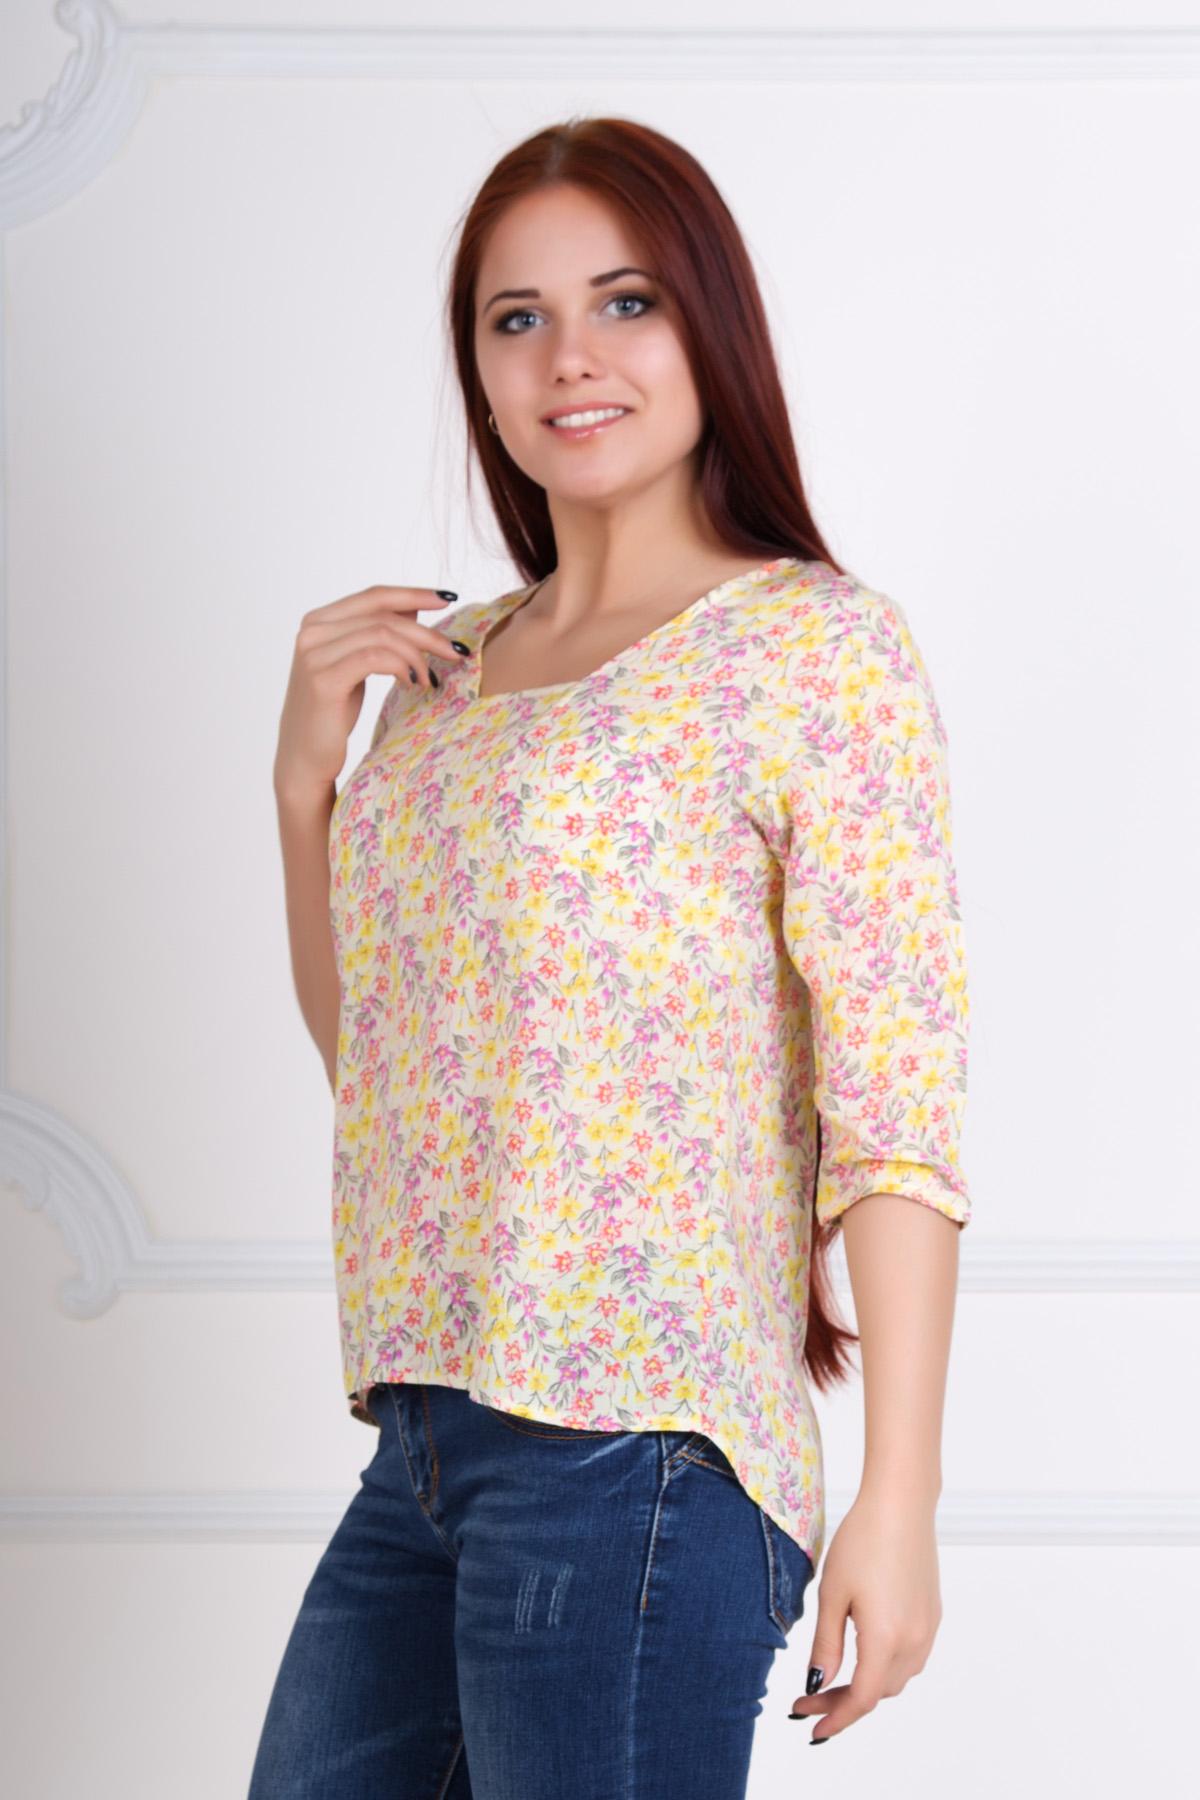 Жен. блуза Мария Желтый р. 50 fit 18665